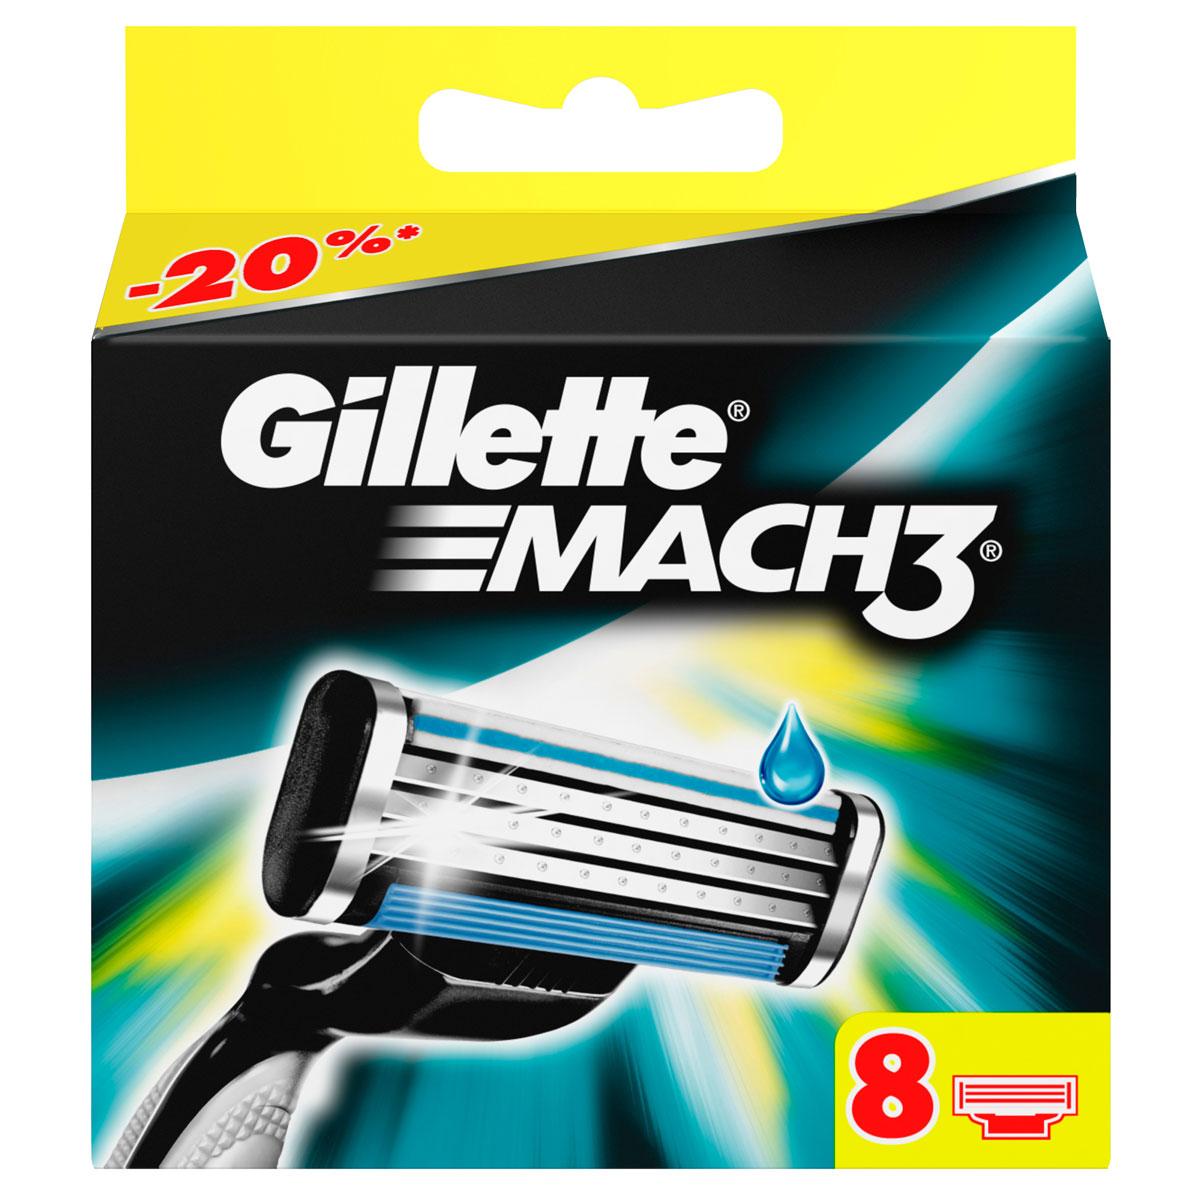 Сменные кассеты для бритья Gillette Mach 3, 8 шт.MAG-13284671Даже 10-ое бритье Mach3 комфортнее 1-го одноразовой бритвой. Почувствуйте исключительную эффективность Mach3! Это бритва включает в себя гелевую полоску, которая способствует скольжению и защищает кожу от покраснения, также полоска исчезает, когда кассету пора менять. Плавающая головка обеспечивает тесный контакт лезвий с кожей, удобная ручка адаптируется к контурам лица для более легкого и комфортного бритья (по сравнению с одноразовыми бритвенными станками Blueell Plus). Даже после десятого использования бритвы ощущения более приятные, чем от одноразовых станков (по сравнению с одноразовыми станками для бритья Bluell Plus). По сравнению с Gillette BlueII Plus Срок хранения – 5 лет. Страна производства – Польша. Характеристики: Комплектация: 8 сменных кассет. Товар сертифицирован. Состав смазывающей полоски: PEG-115M, PEG-7M, PEG-100, BHT, TOCOPHERYL ACETATE.